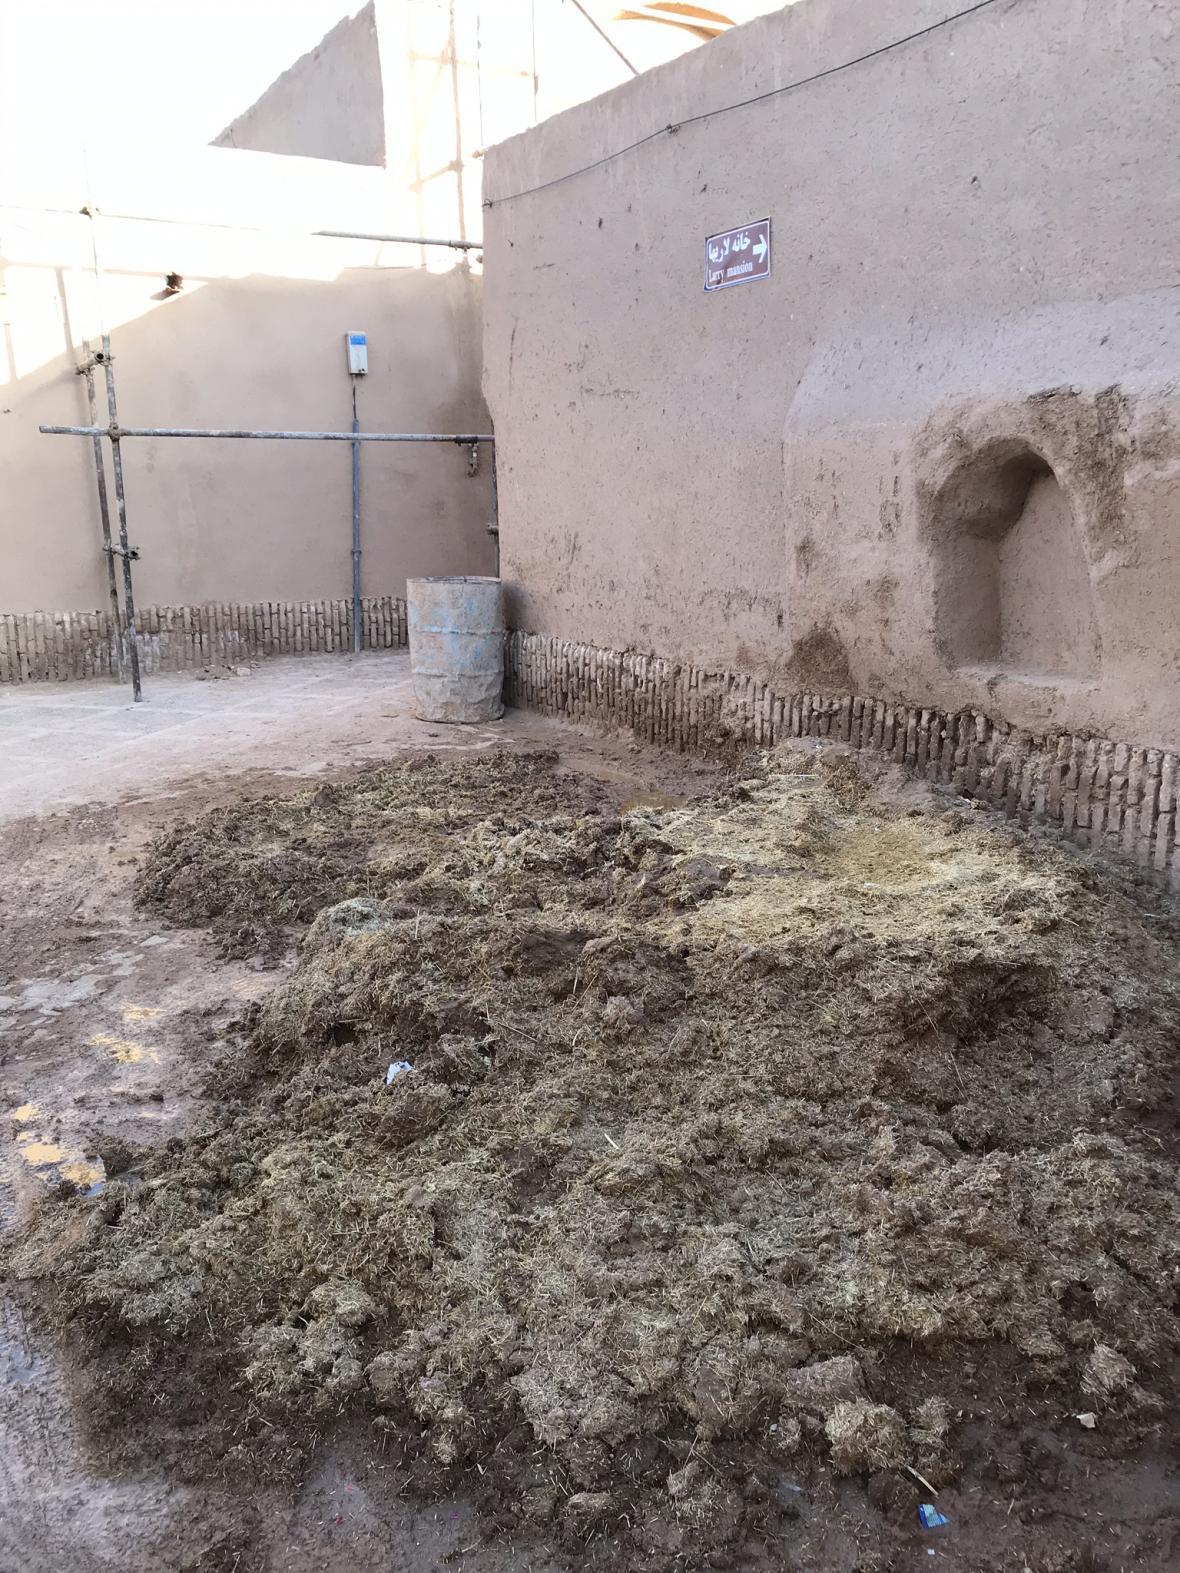 Zdi staveb v Jazdu tvoří hlína se slámou